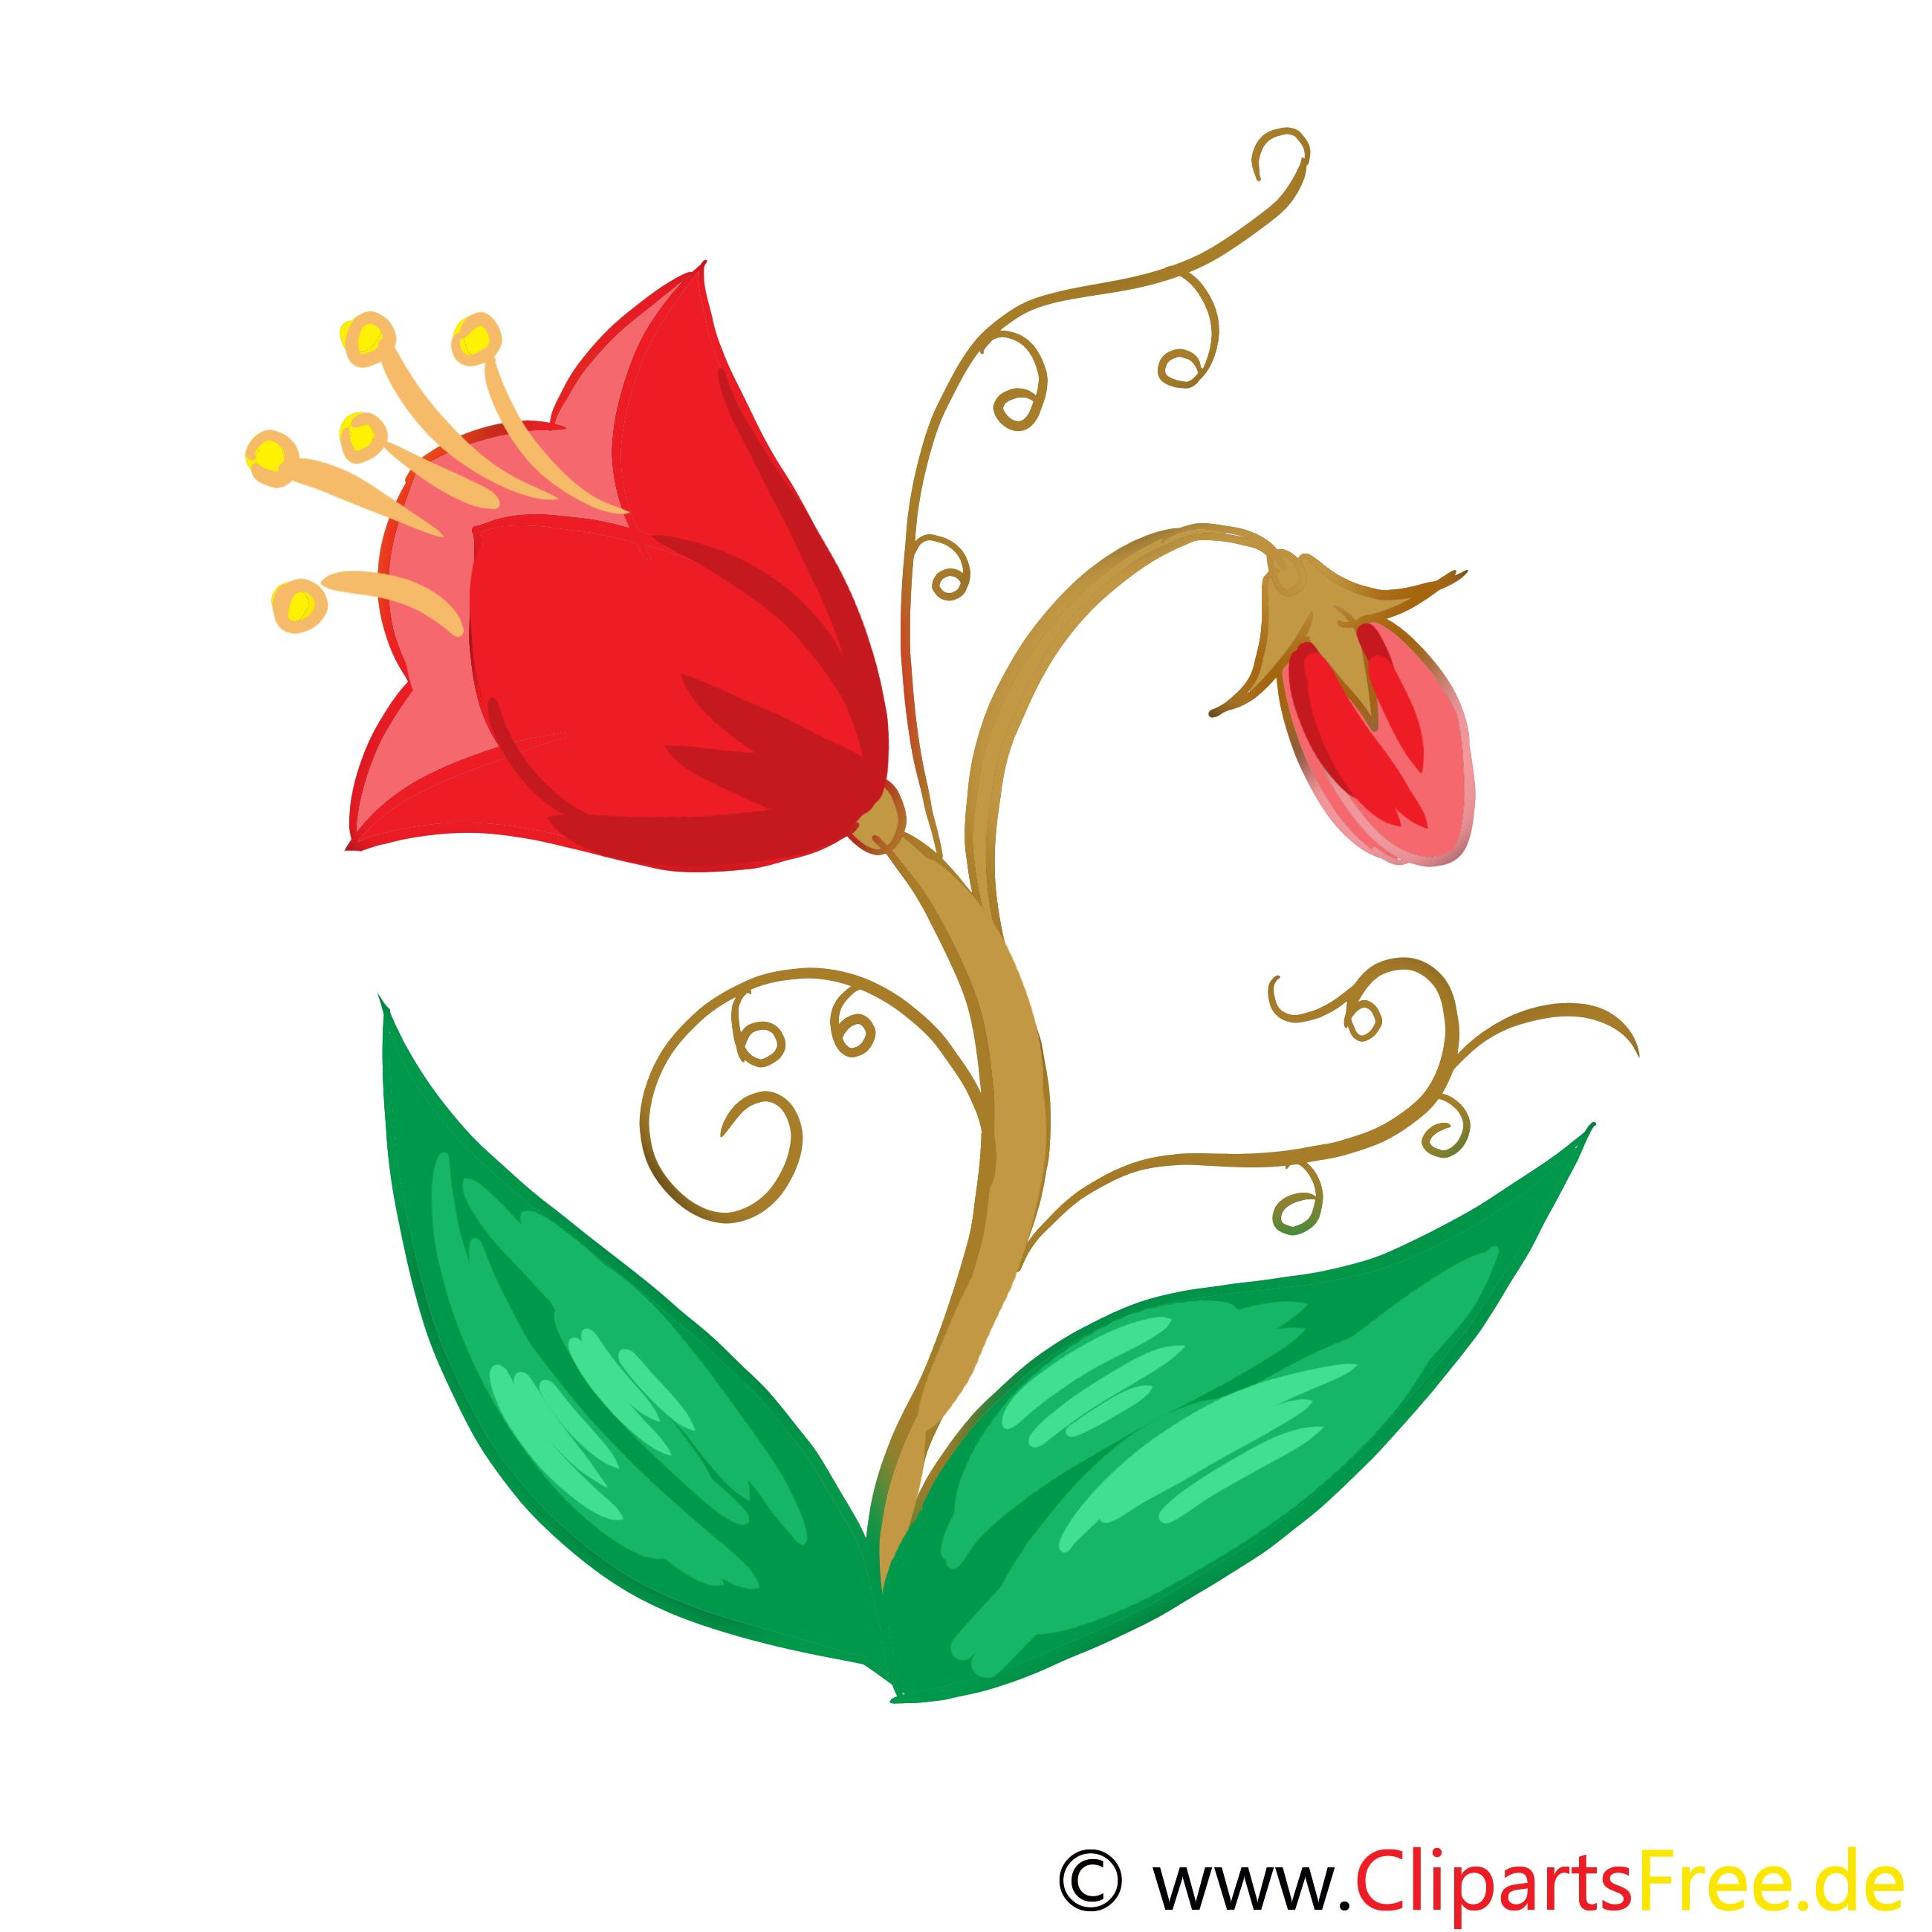 Tulpen Bild, Clip Art, Grafik, Illustration kostenlos